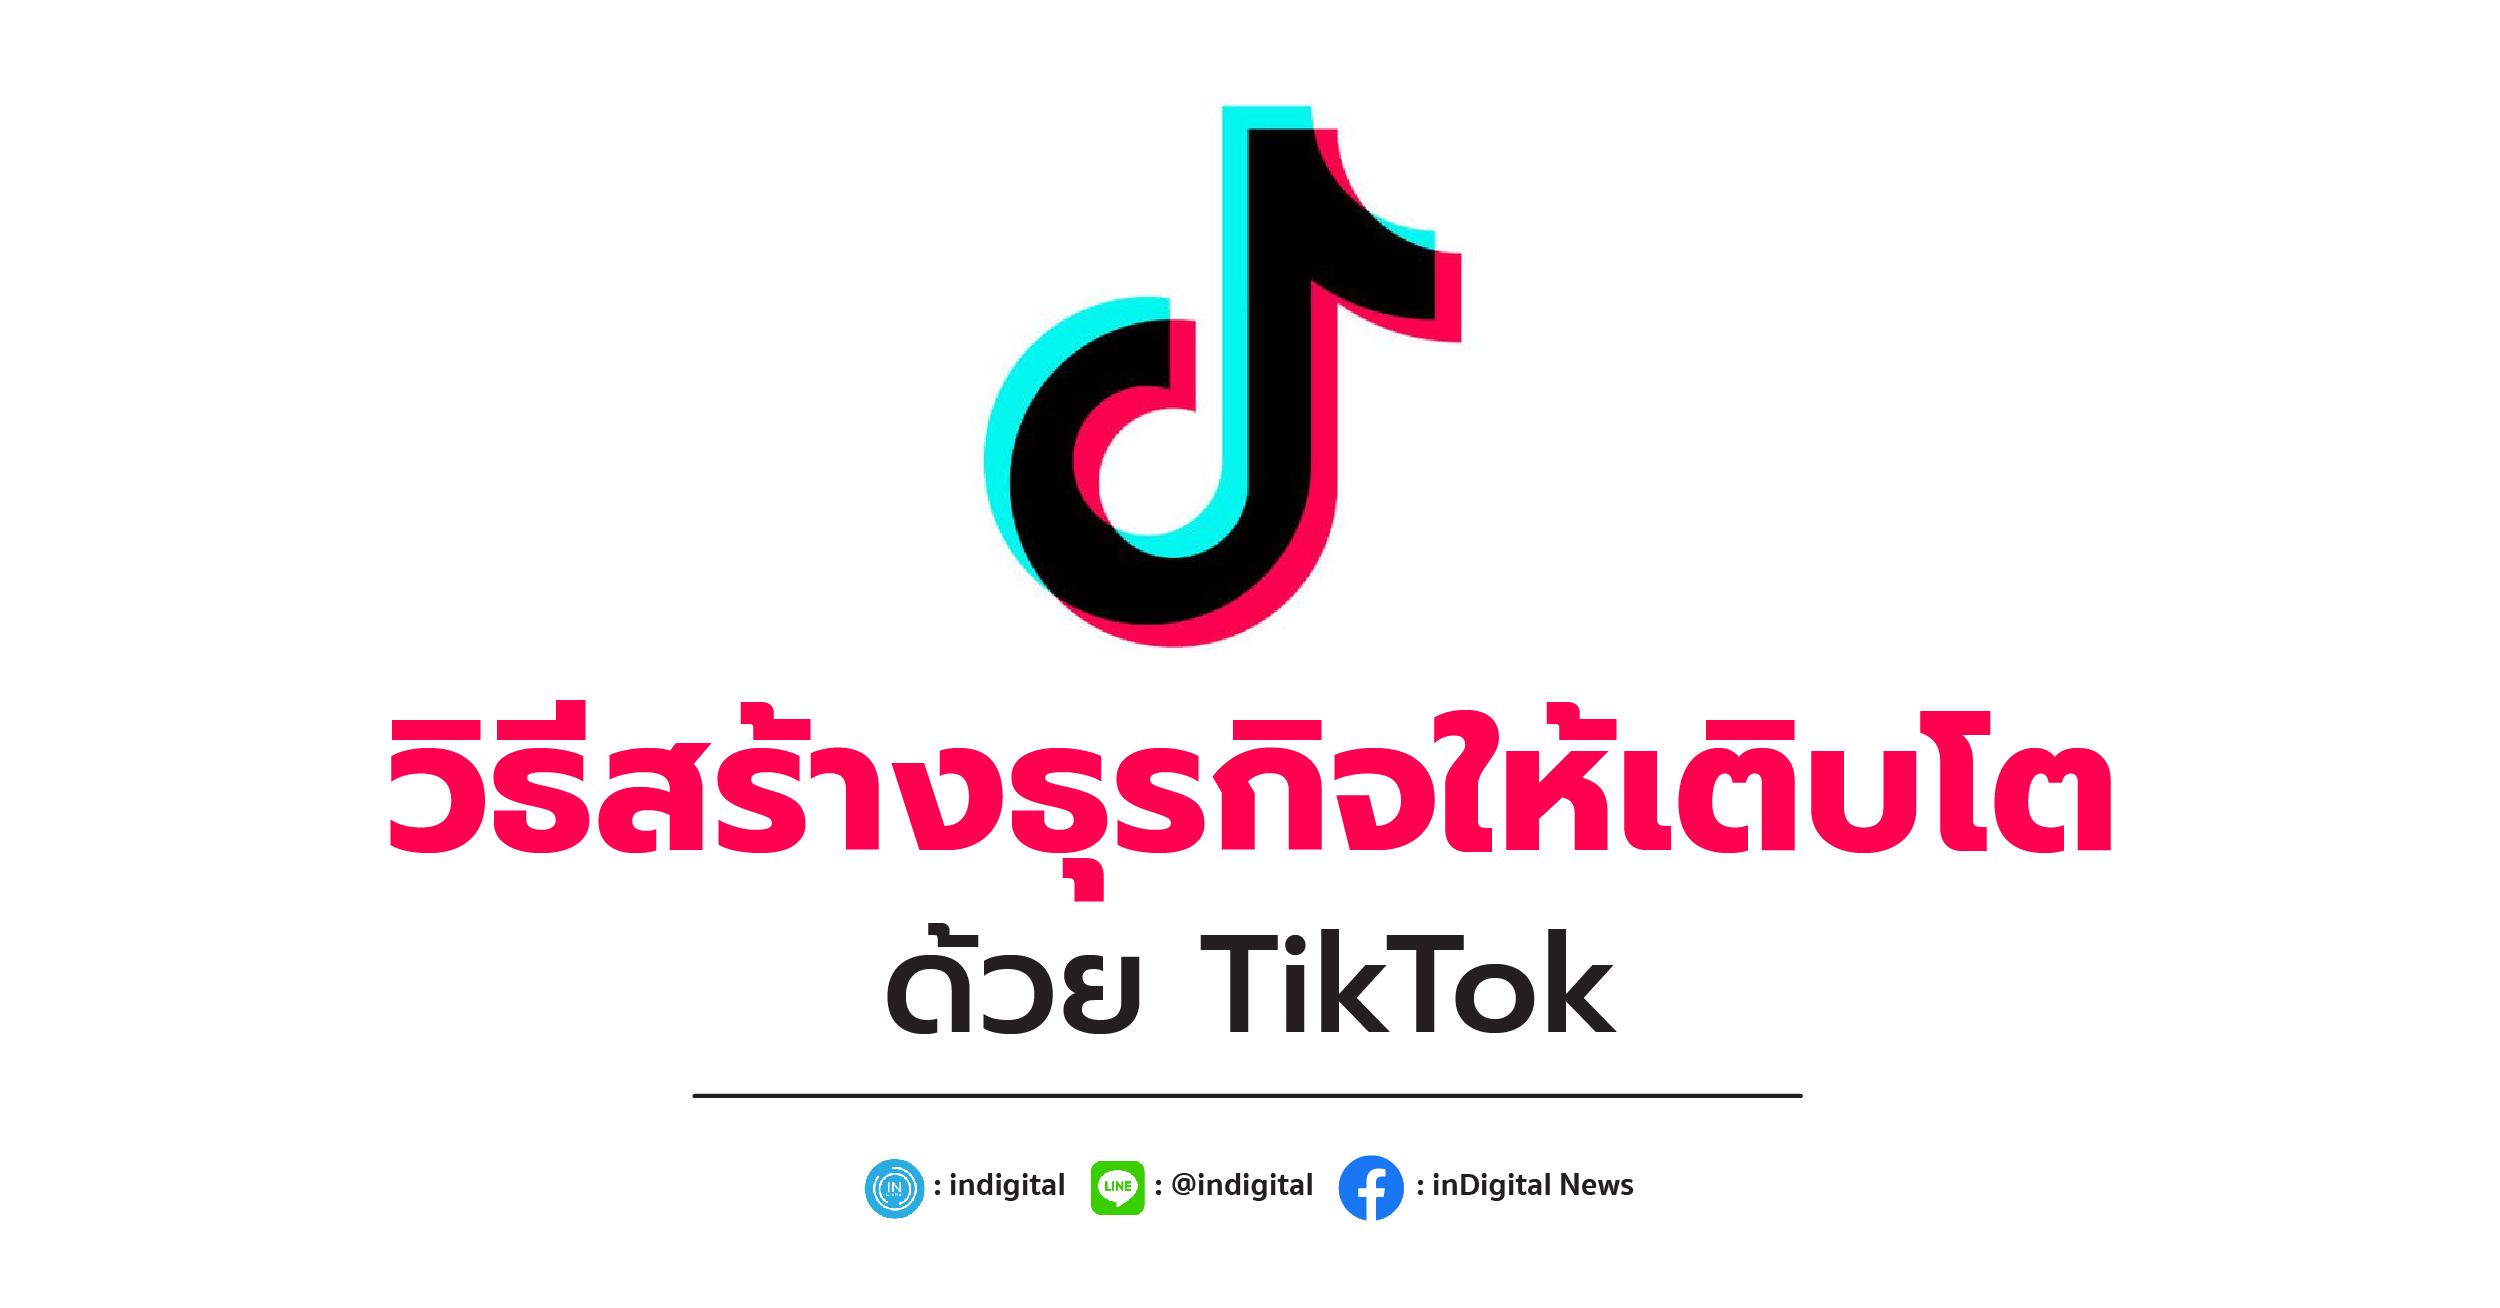 วิธีสร้างธุรกิจให้เติบโตด้วย TikTok